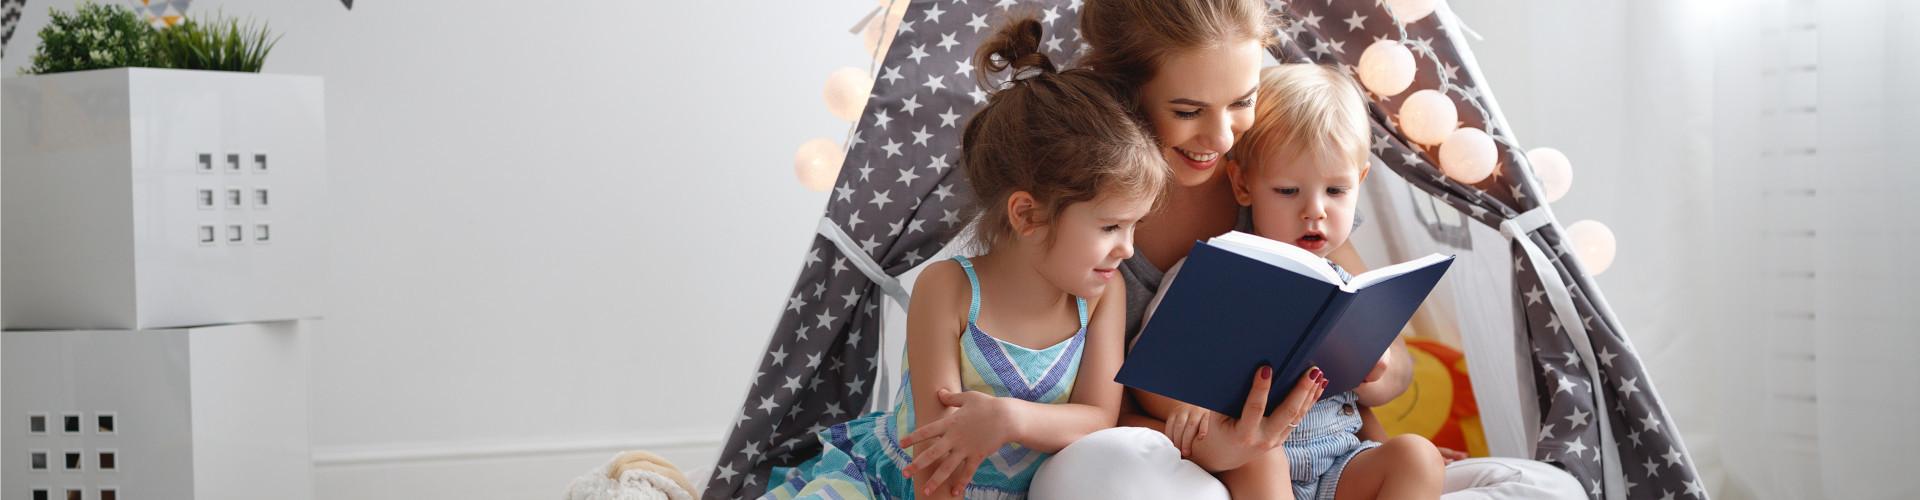 Mutter liest mit Kindern ein Buch © JenkoAtaman, stock.adobe.com